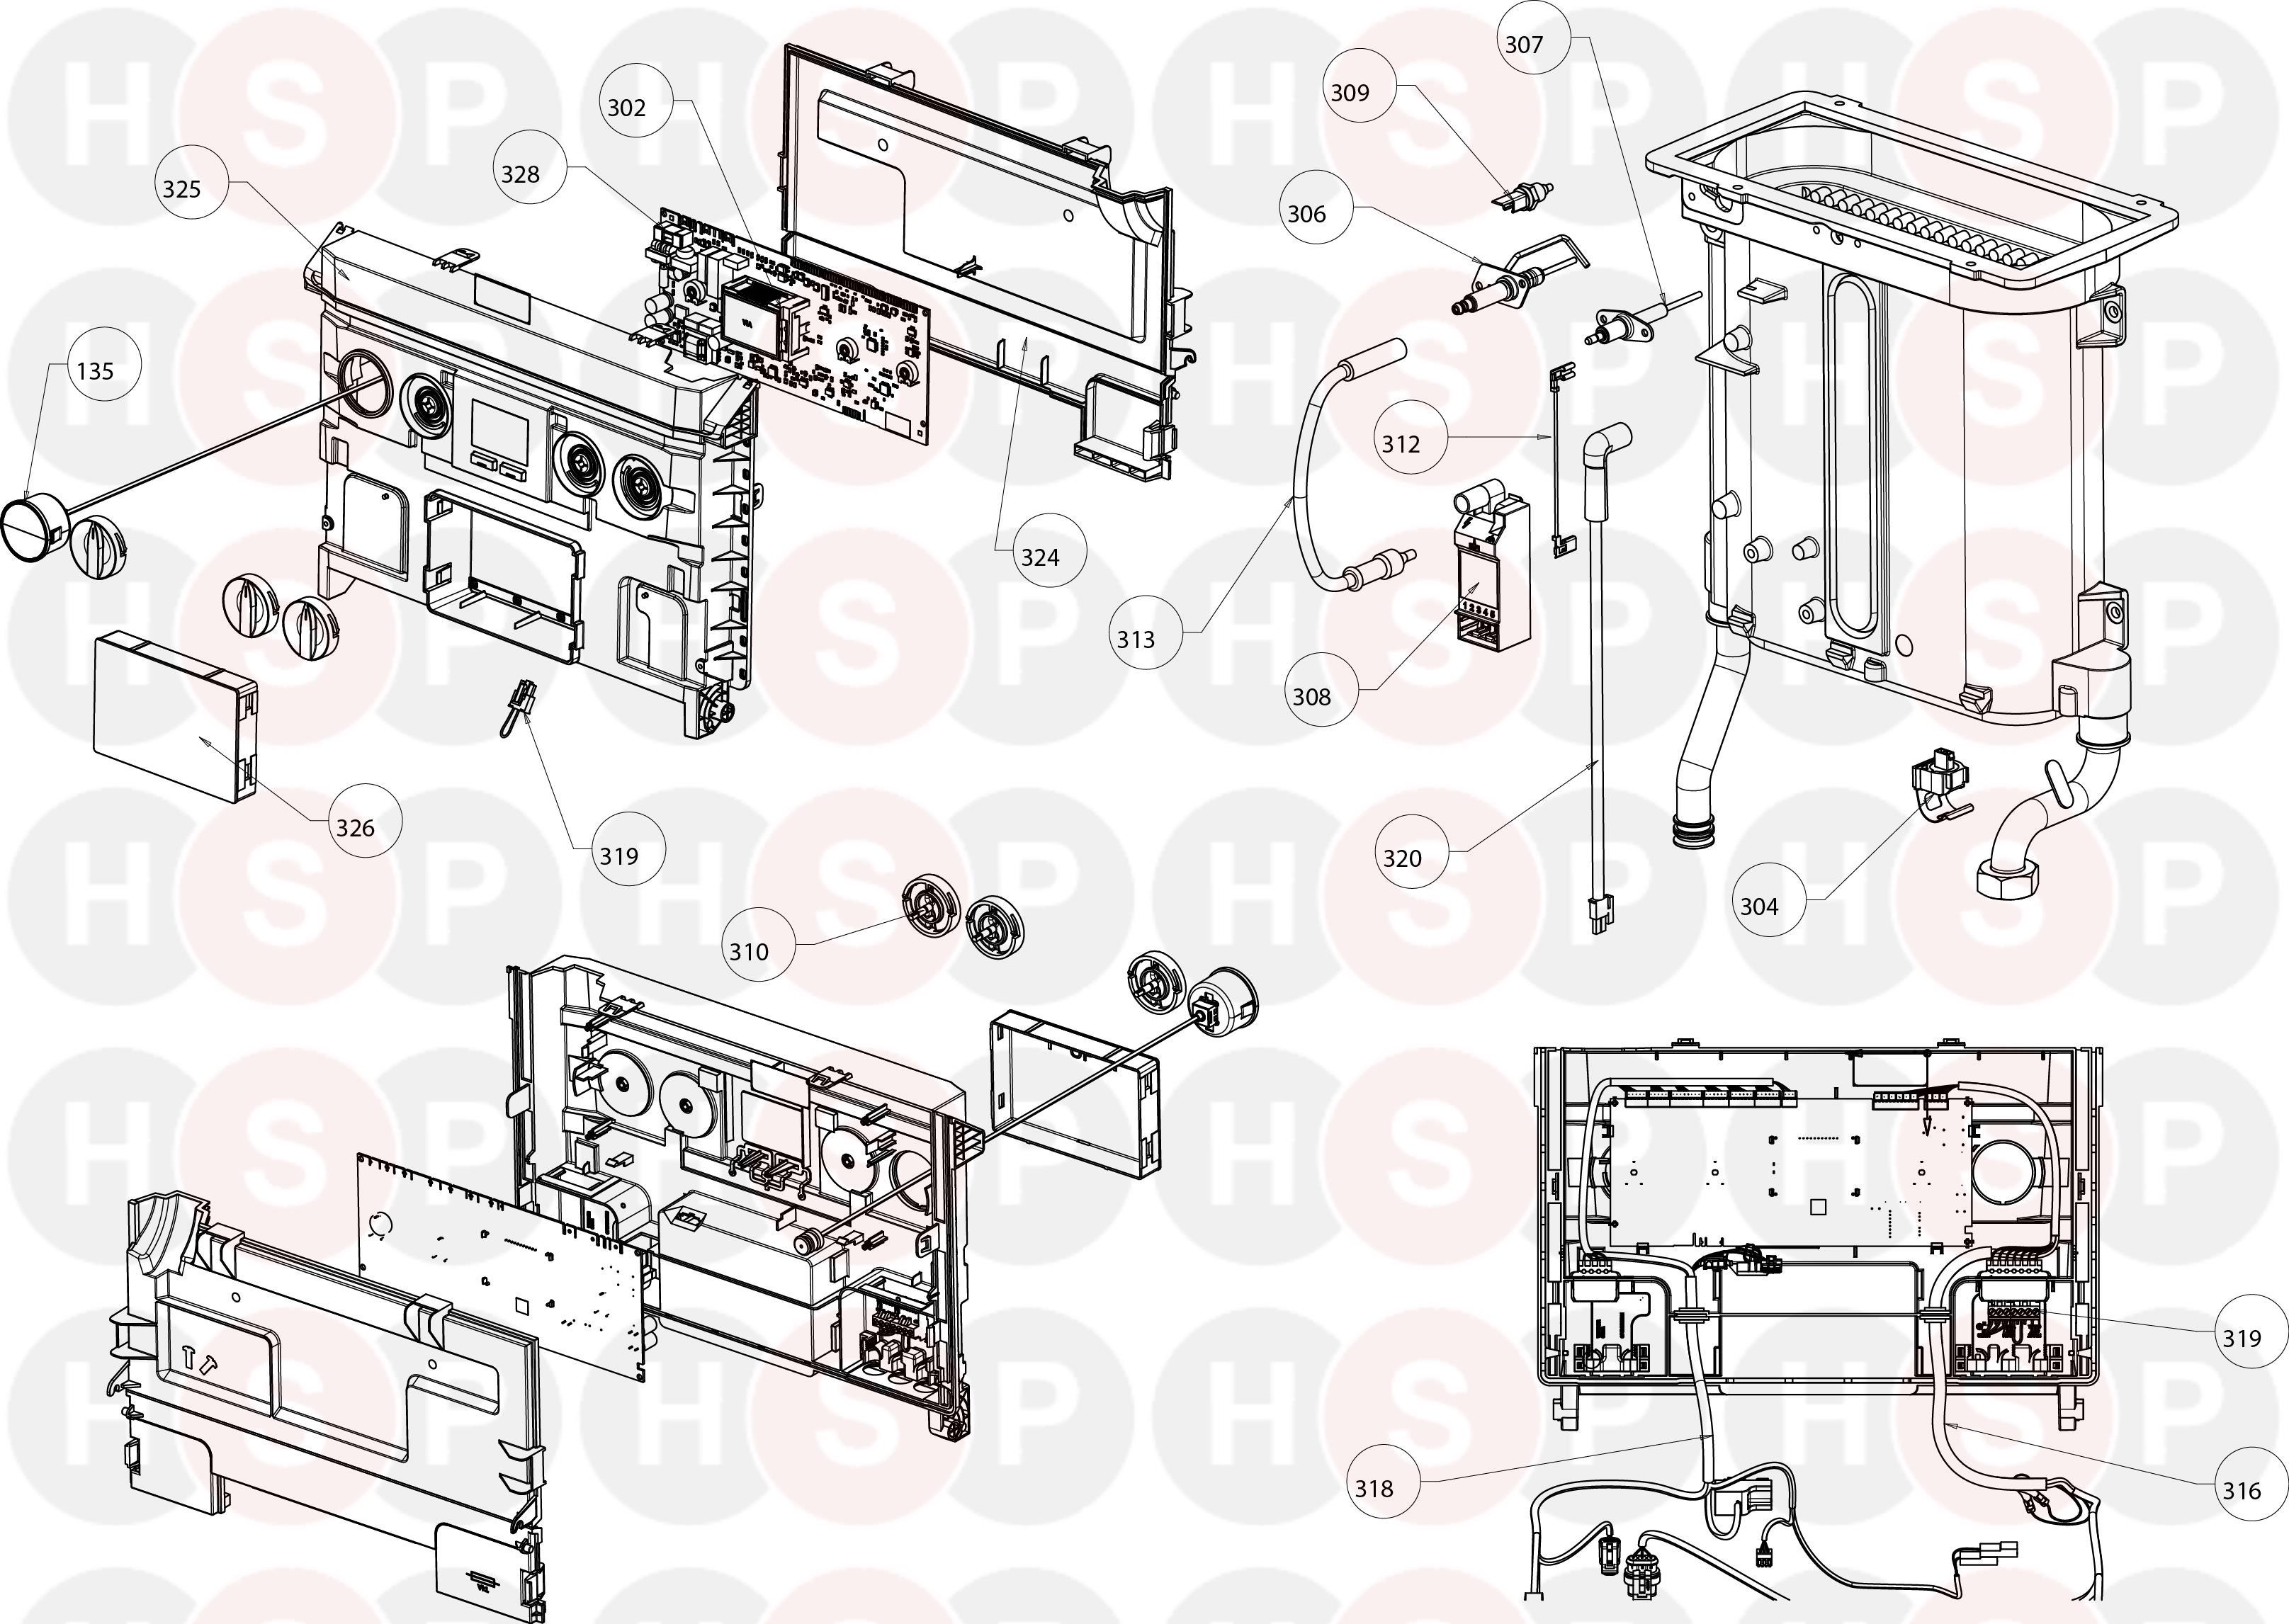 ideal 30 combi esp1 controls diagram heating spare parts. Black Bedroom Furniture Sets. Home Design Ideas